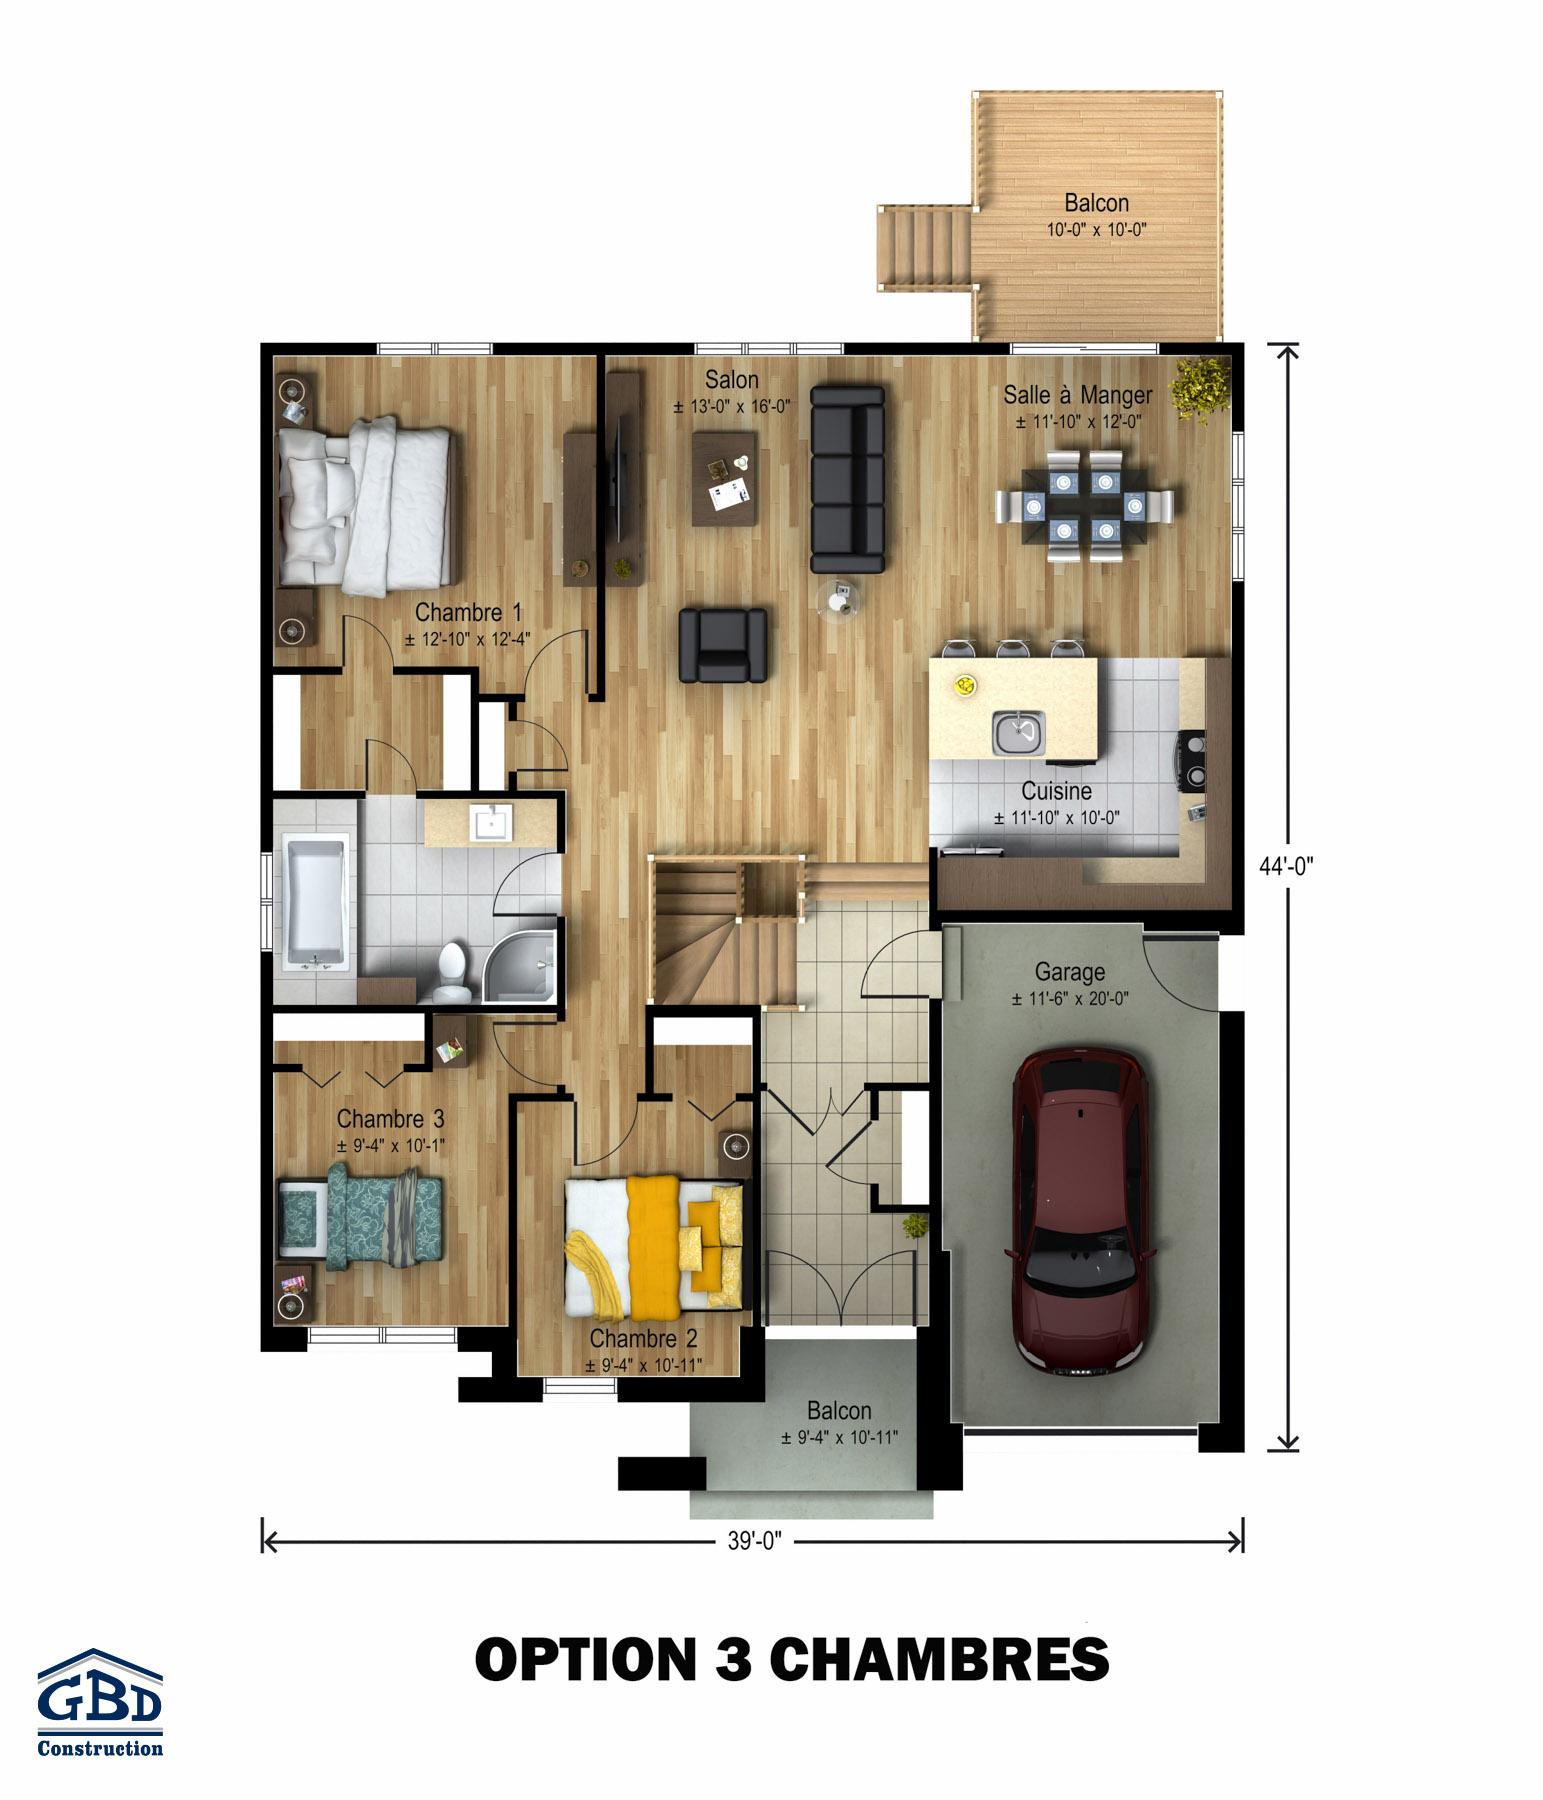 Picardie broadway maison neuve un tage de type for Plan de maison duplex 3 chambres